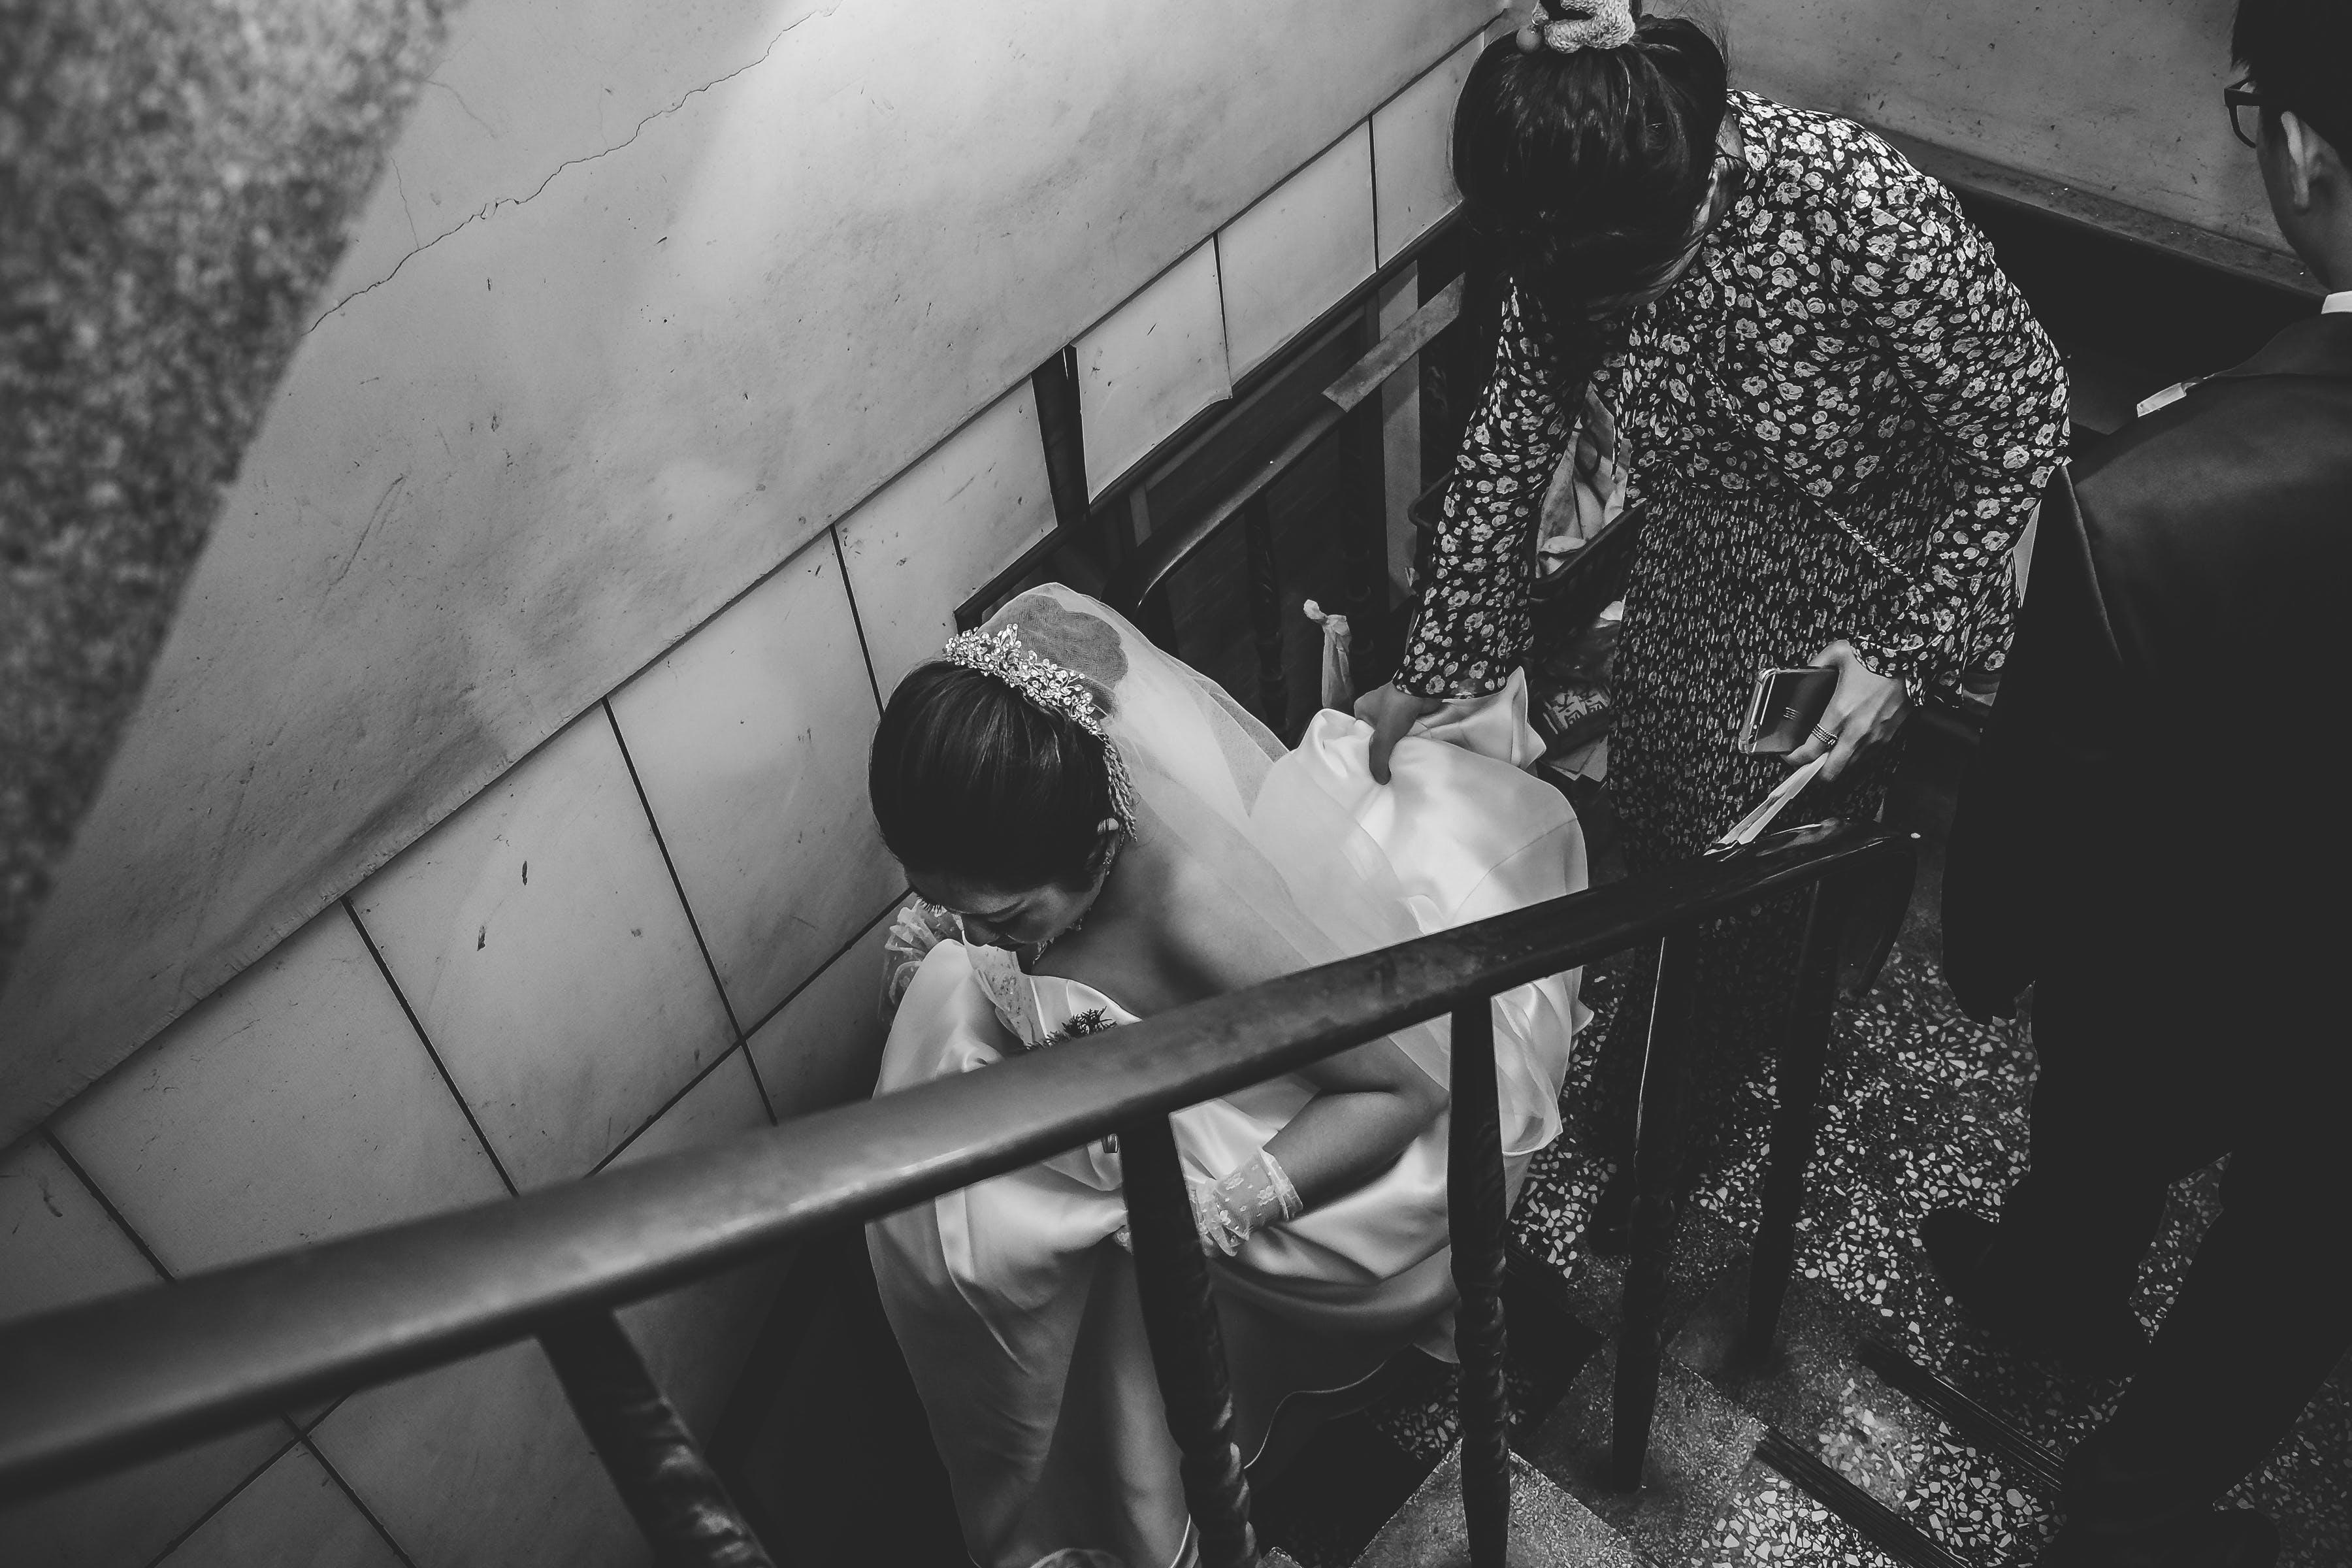 Δωρεάν στοκ φωτογραφιών με άνδρας, Άνθρωποι, γαμήλια τελετή, γυναίκες